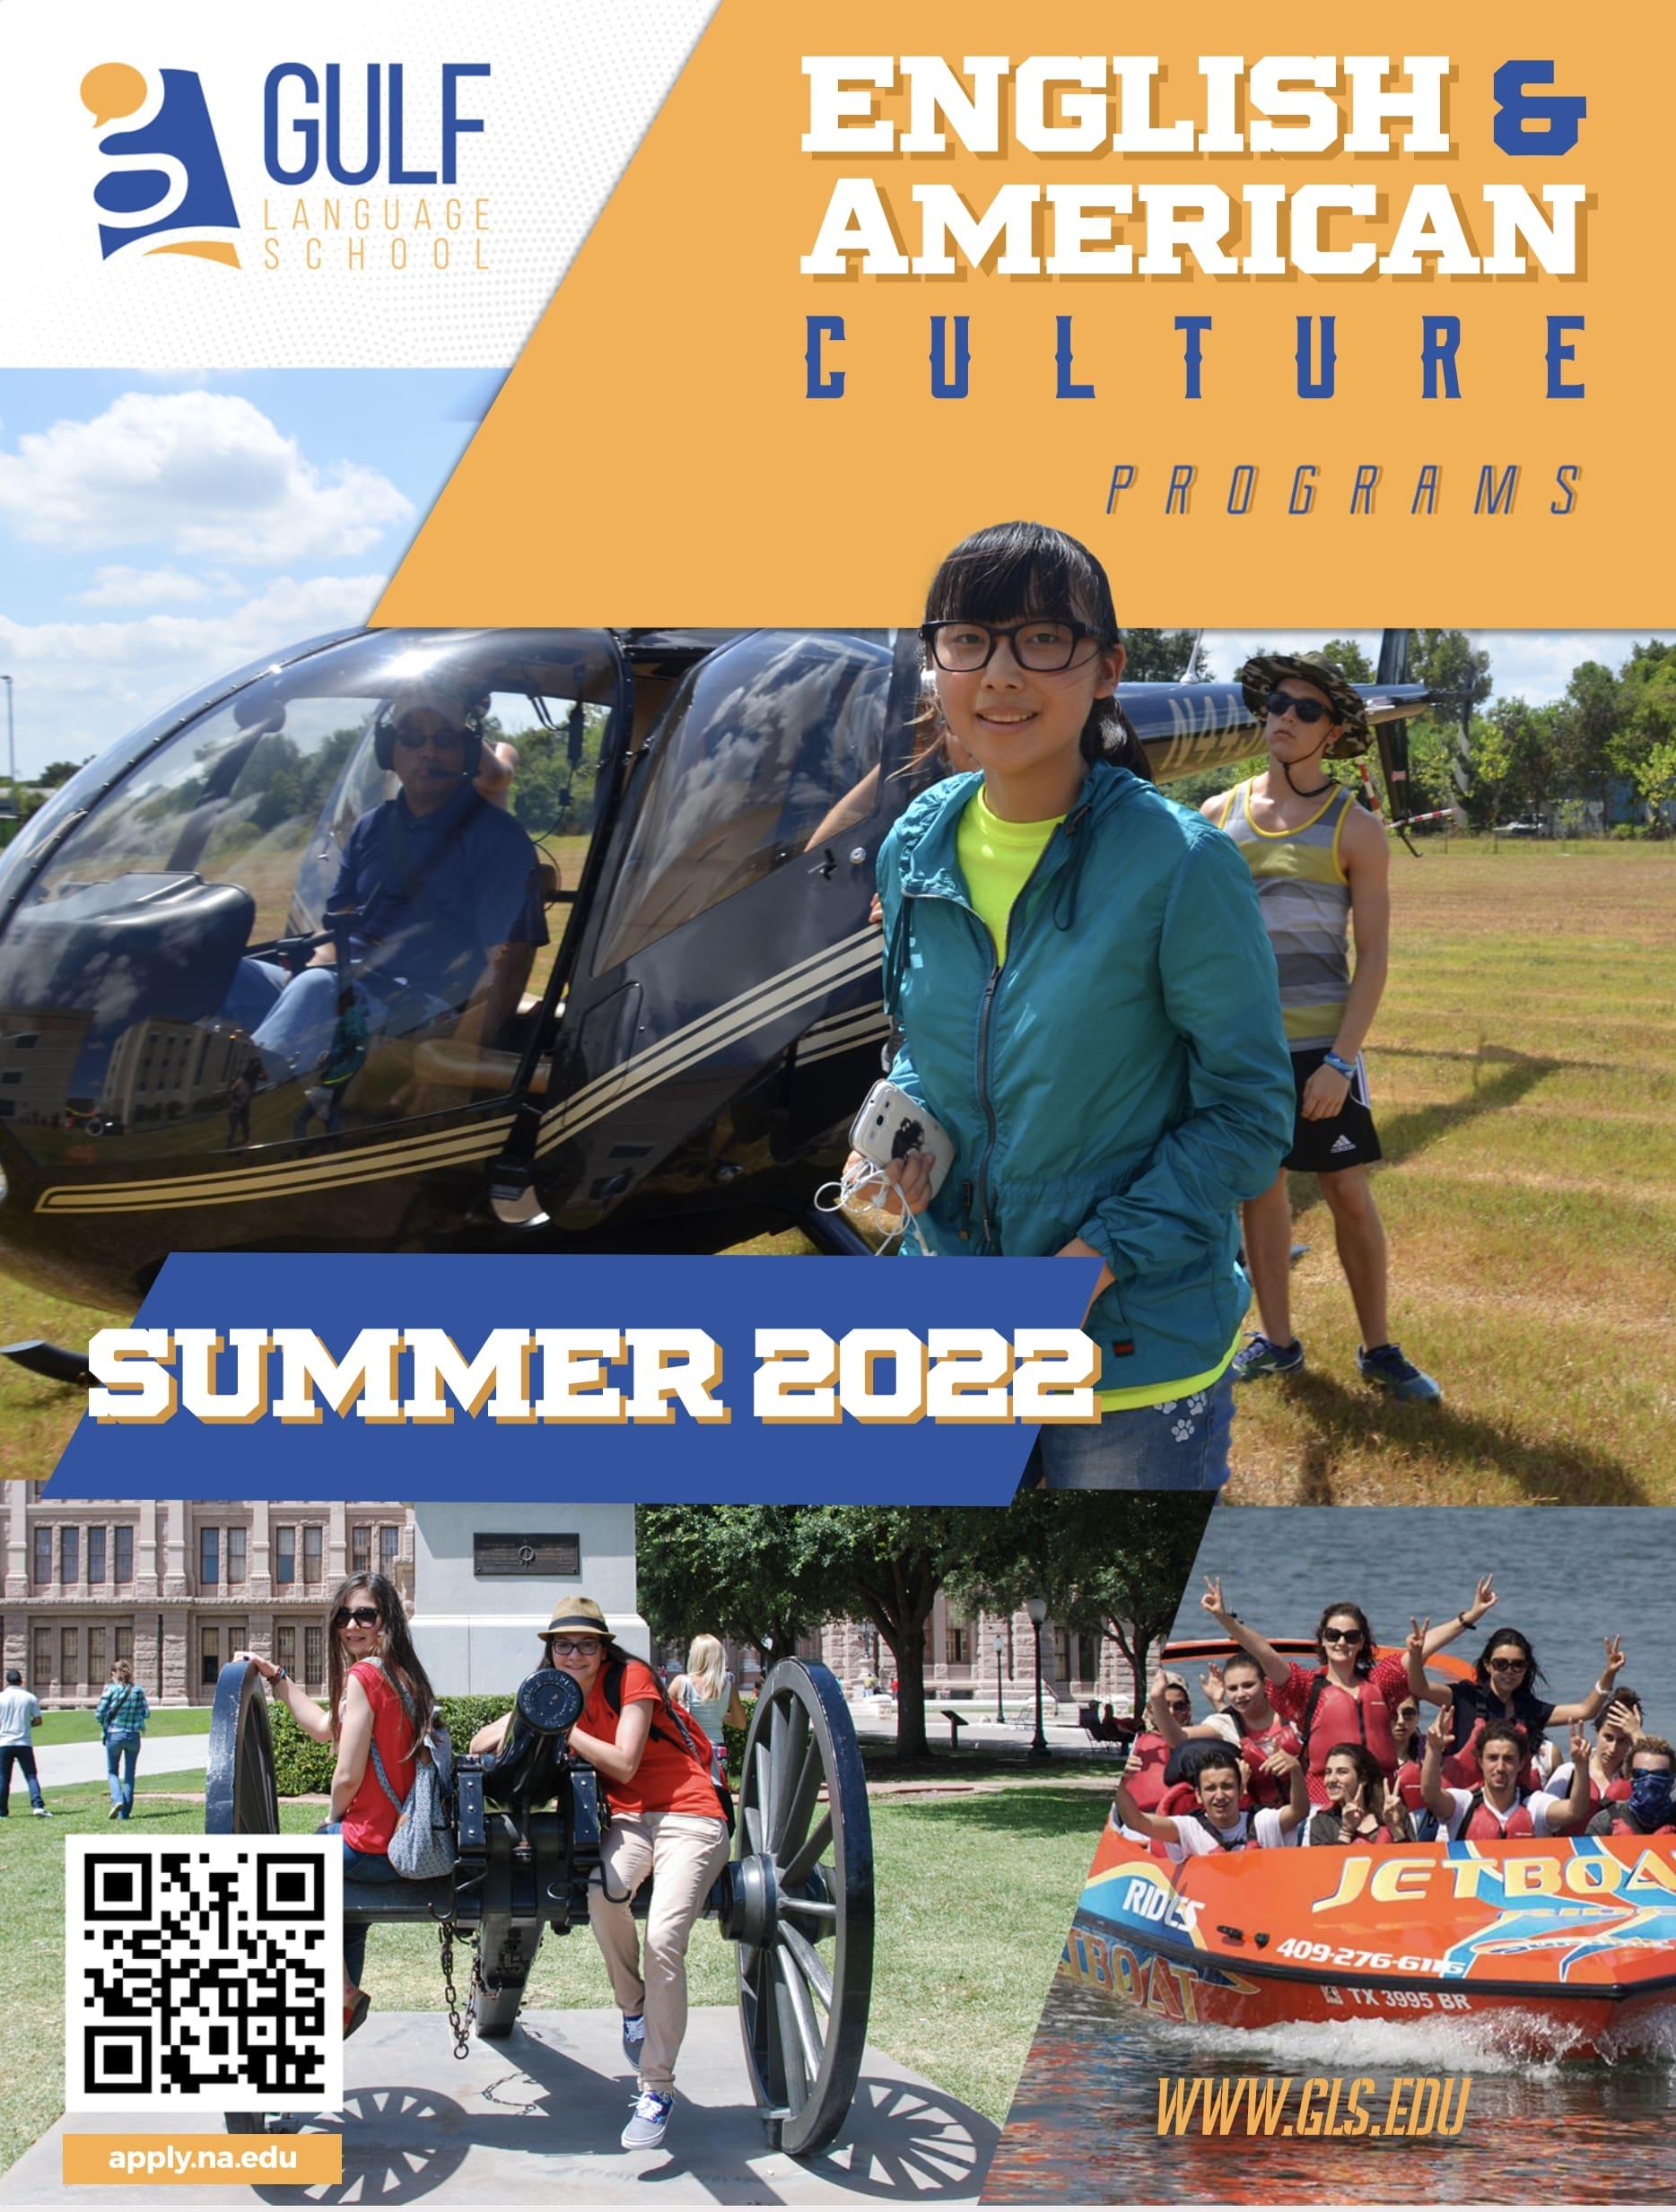 GLS Summer Brochures